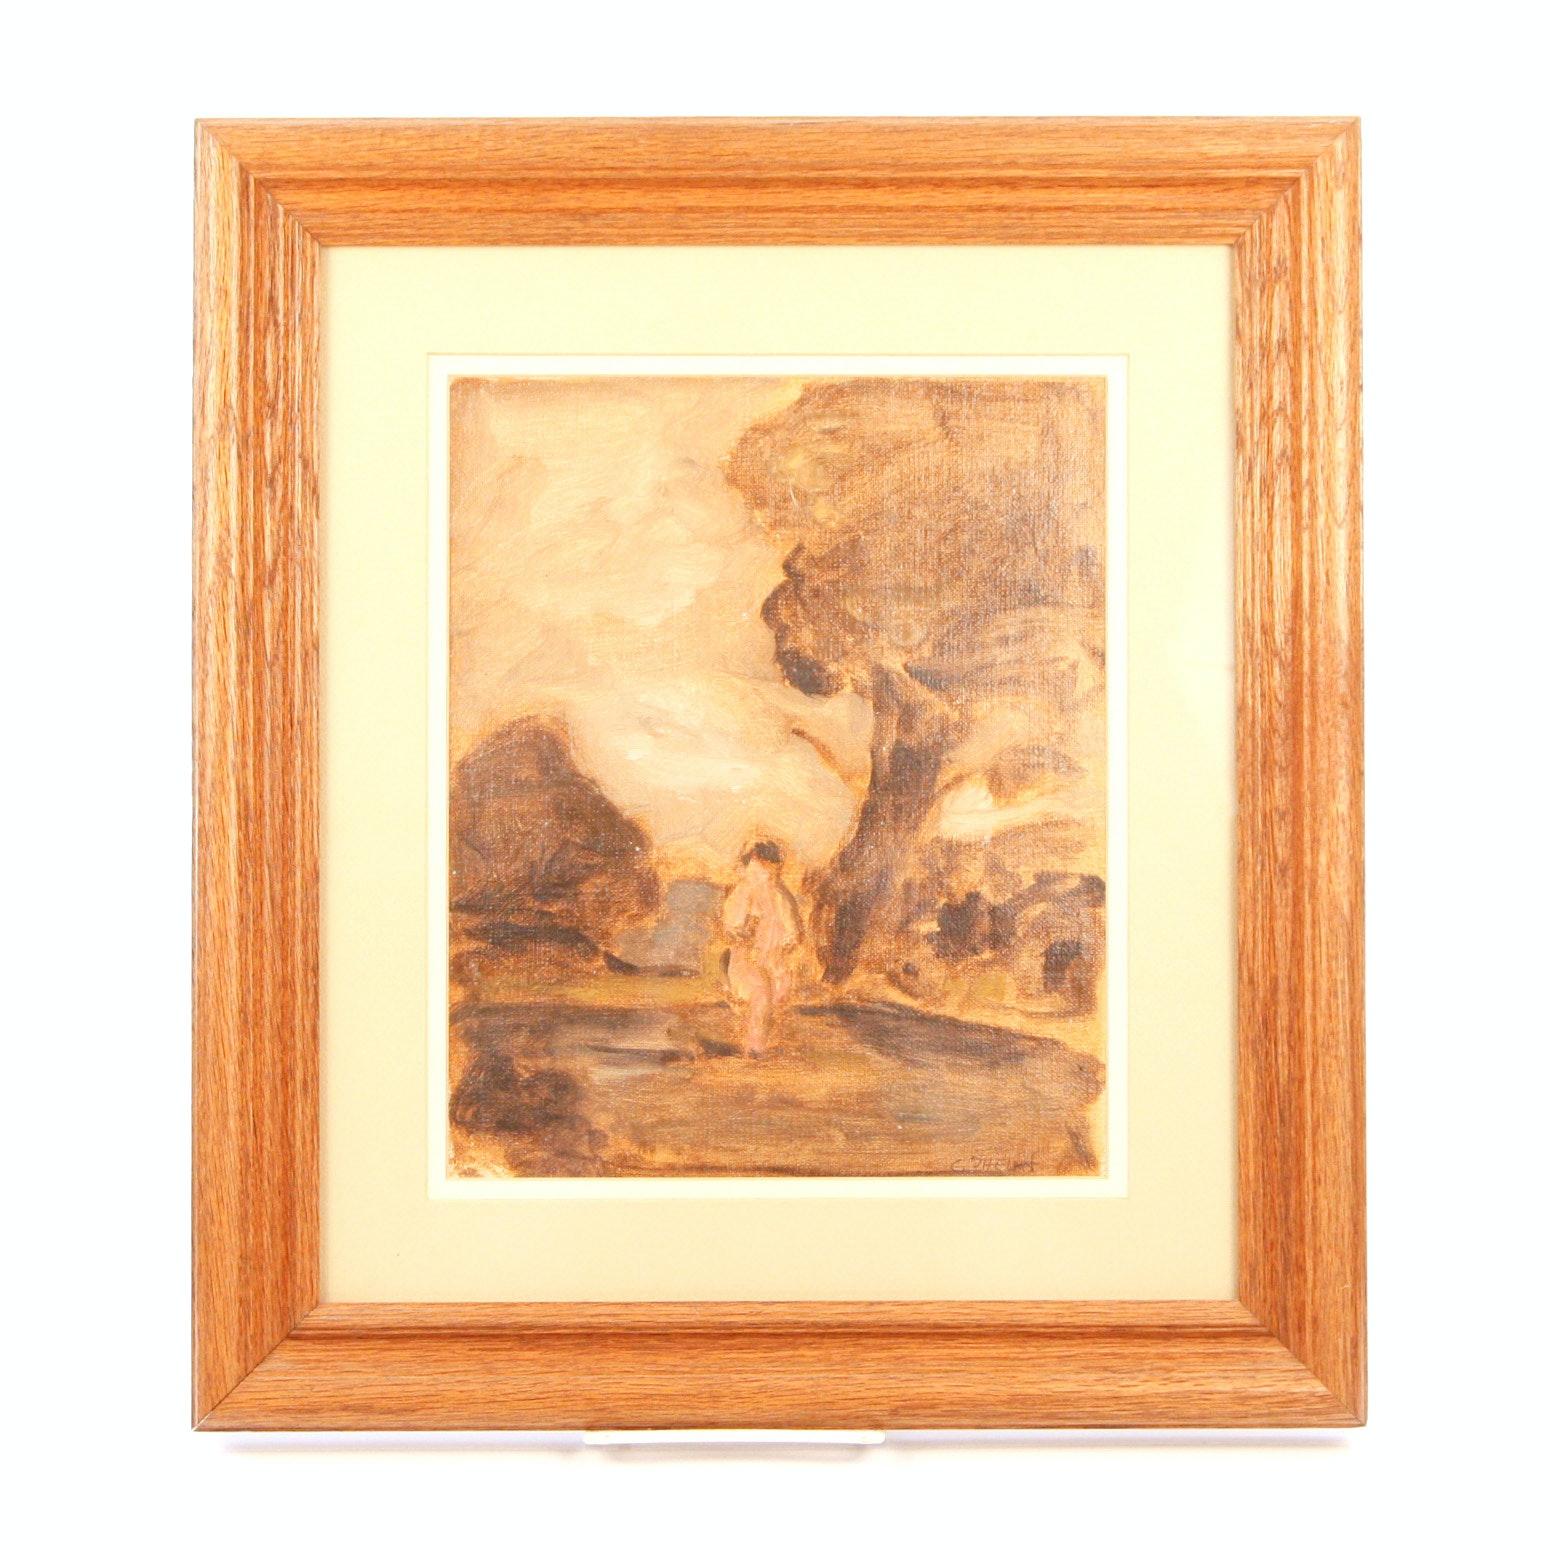 C. Phelan Framed Oil on Canvas